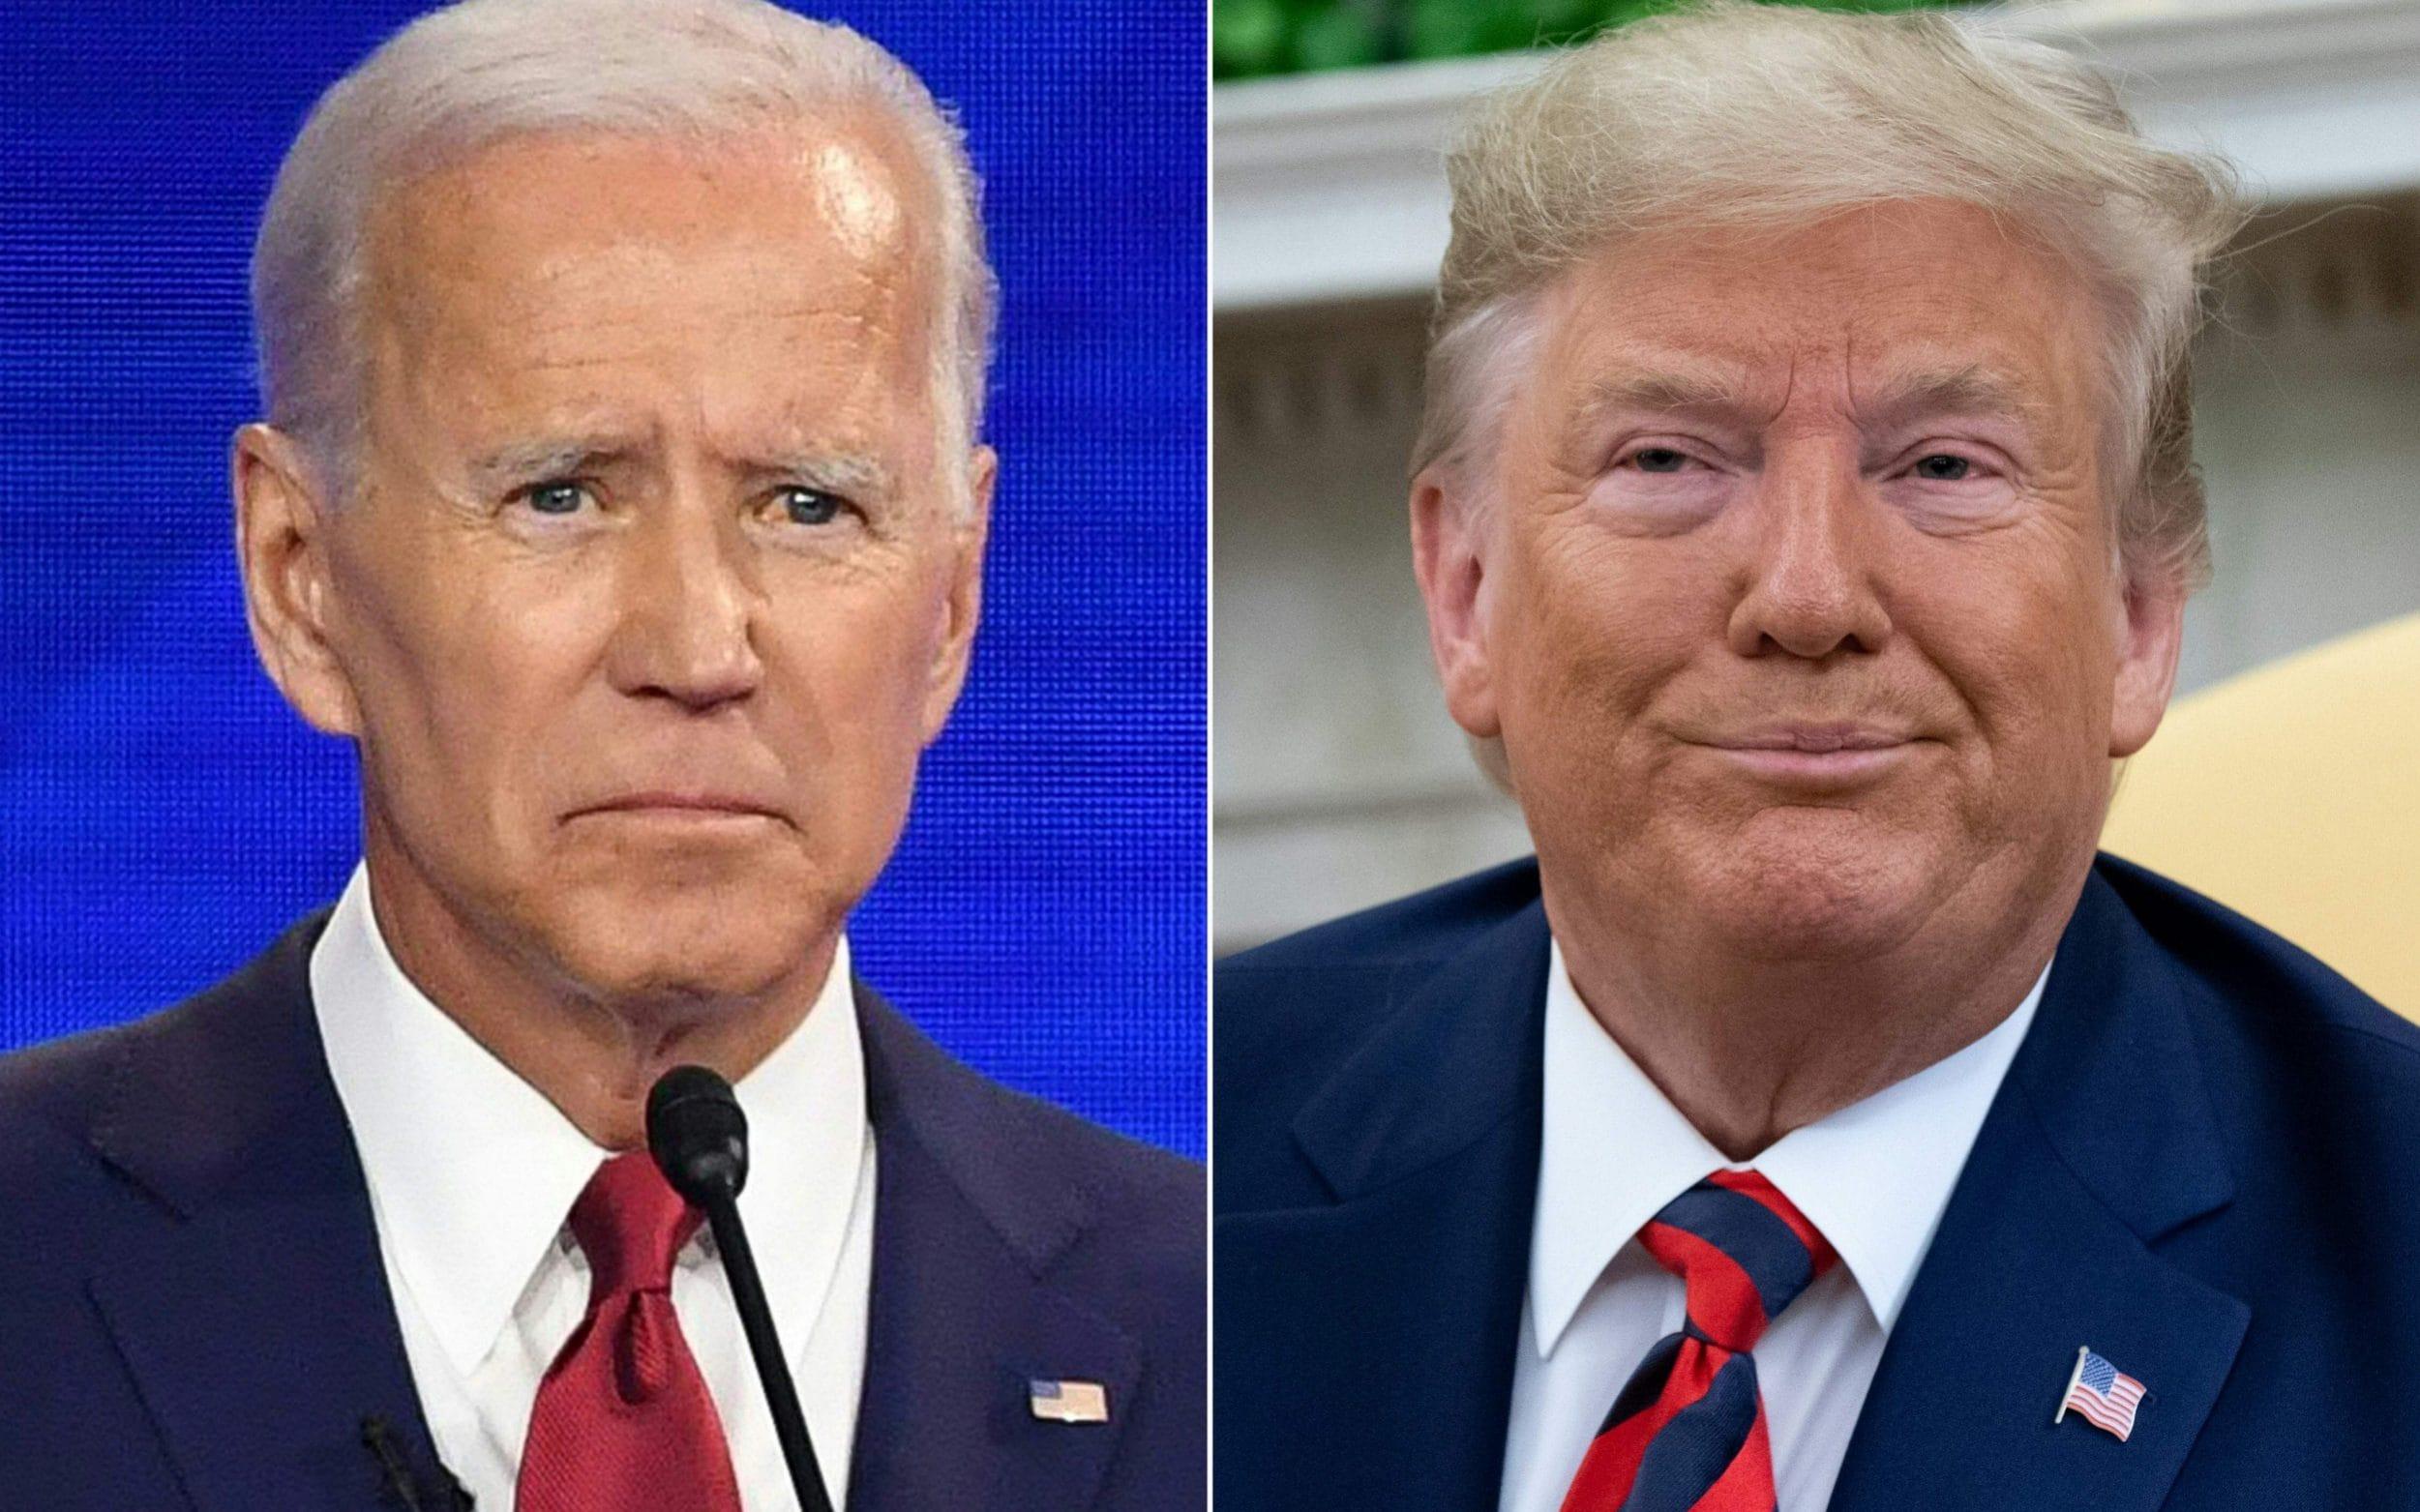 【时事大视野】第10期:谈对美国大选的认同与否